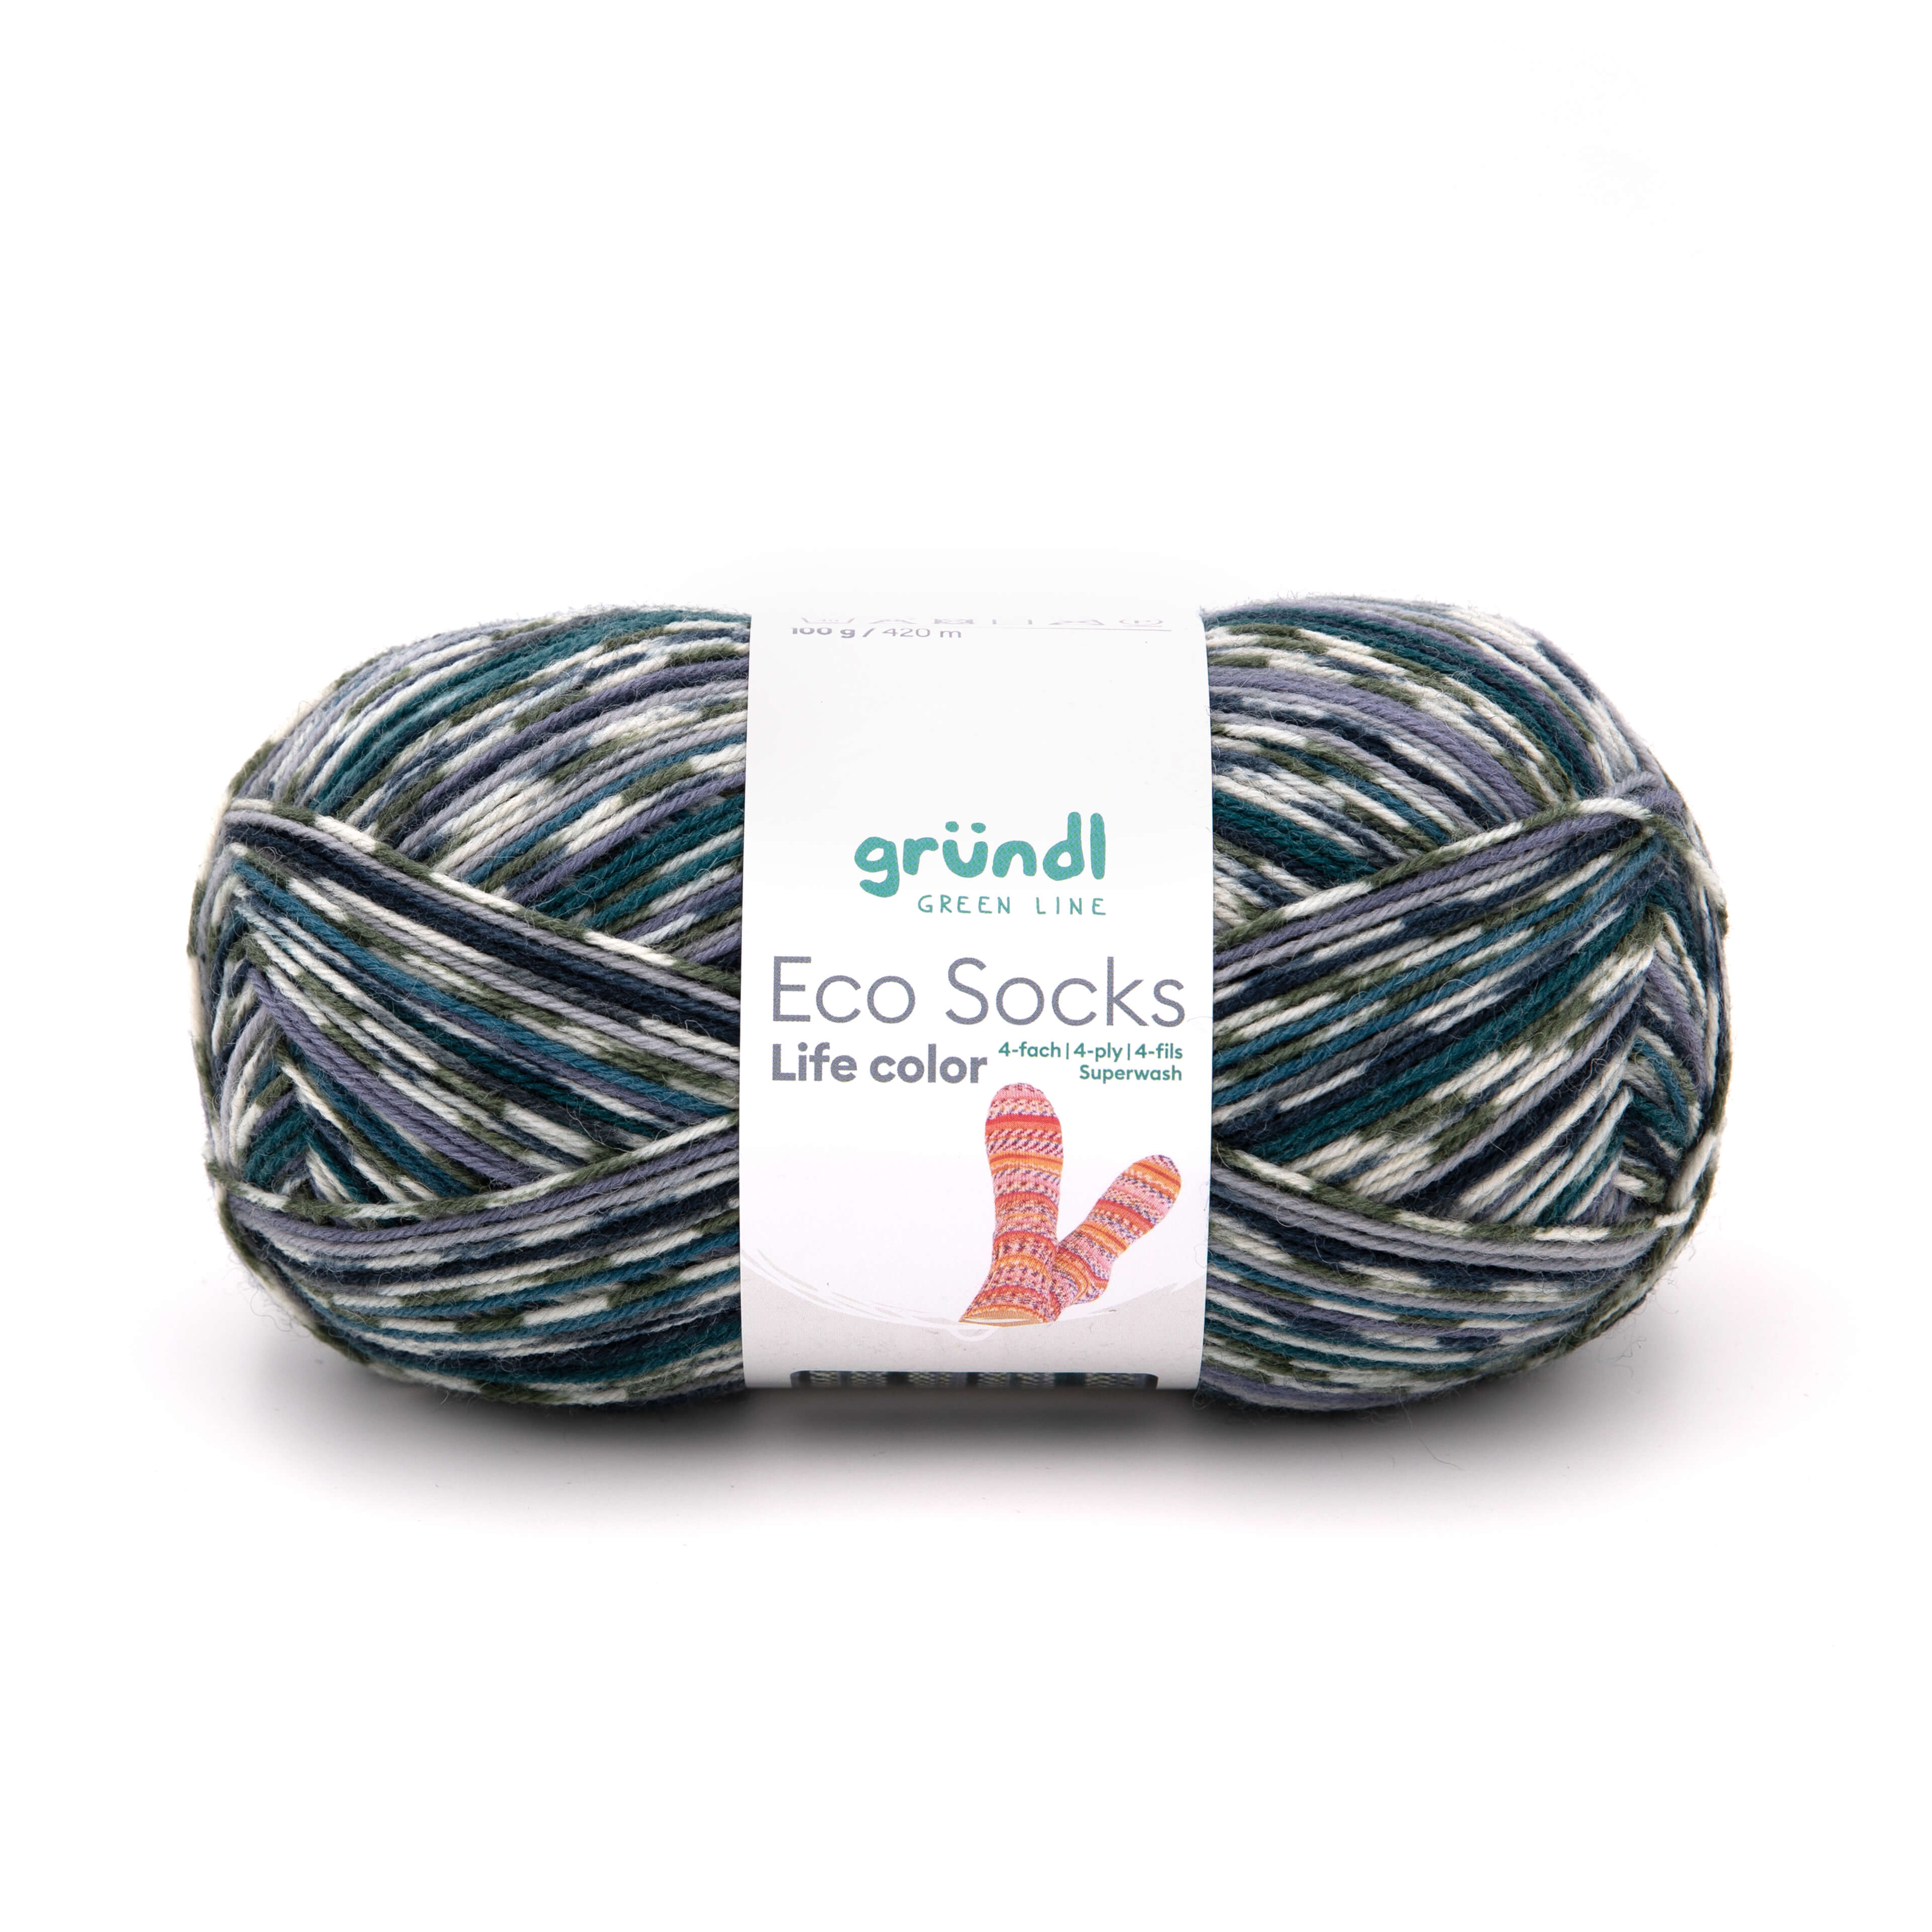 Eco Socks Life color